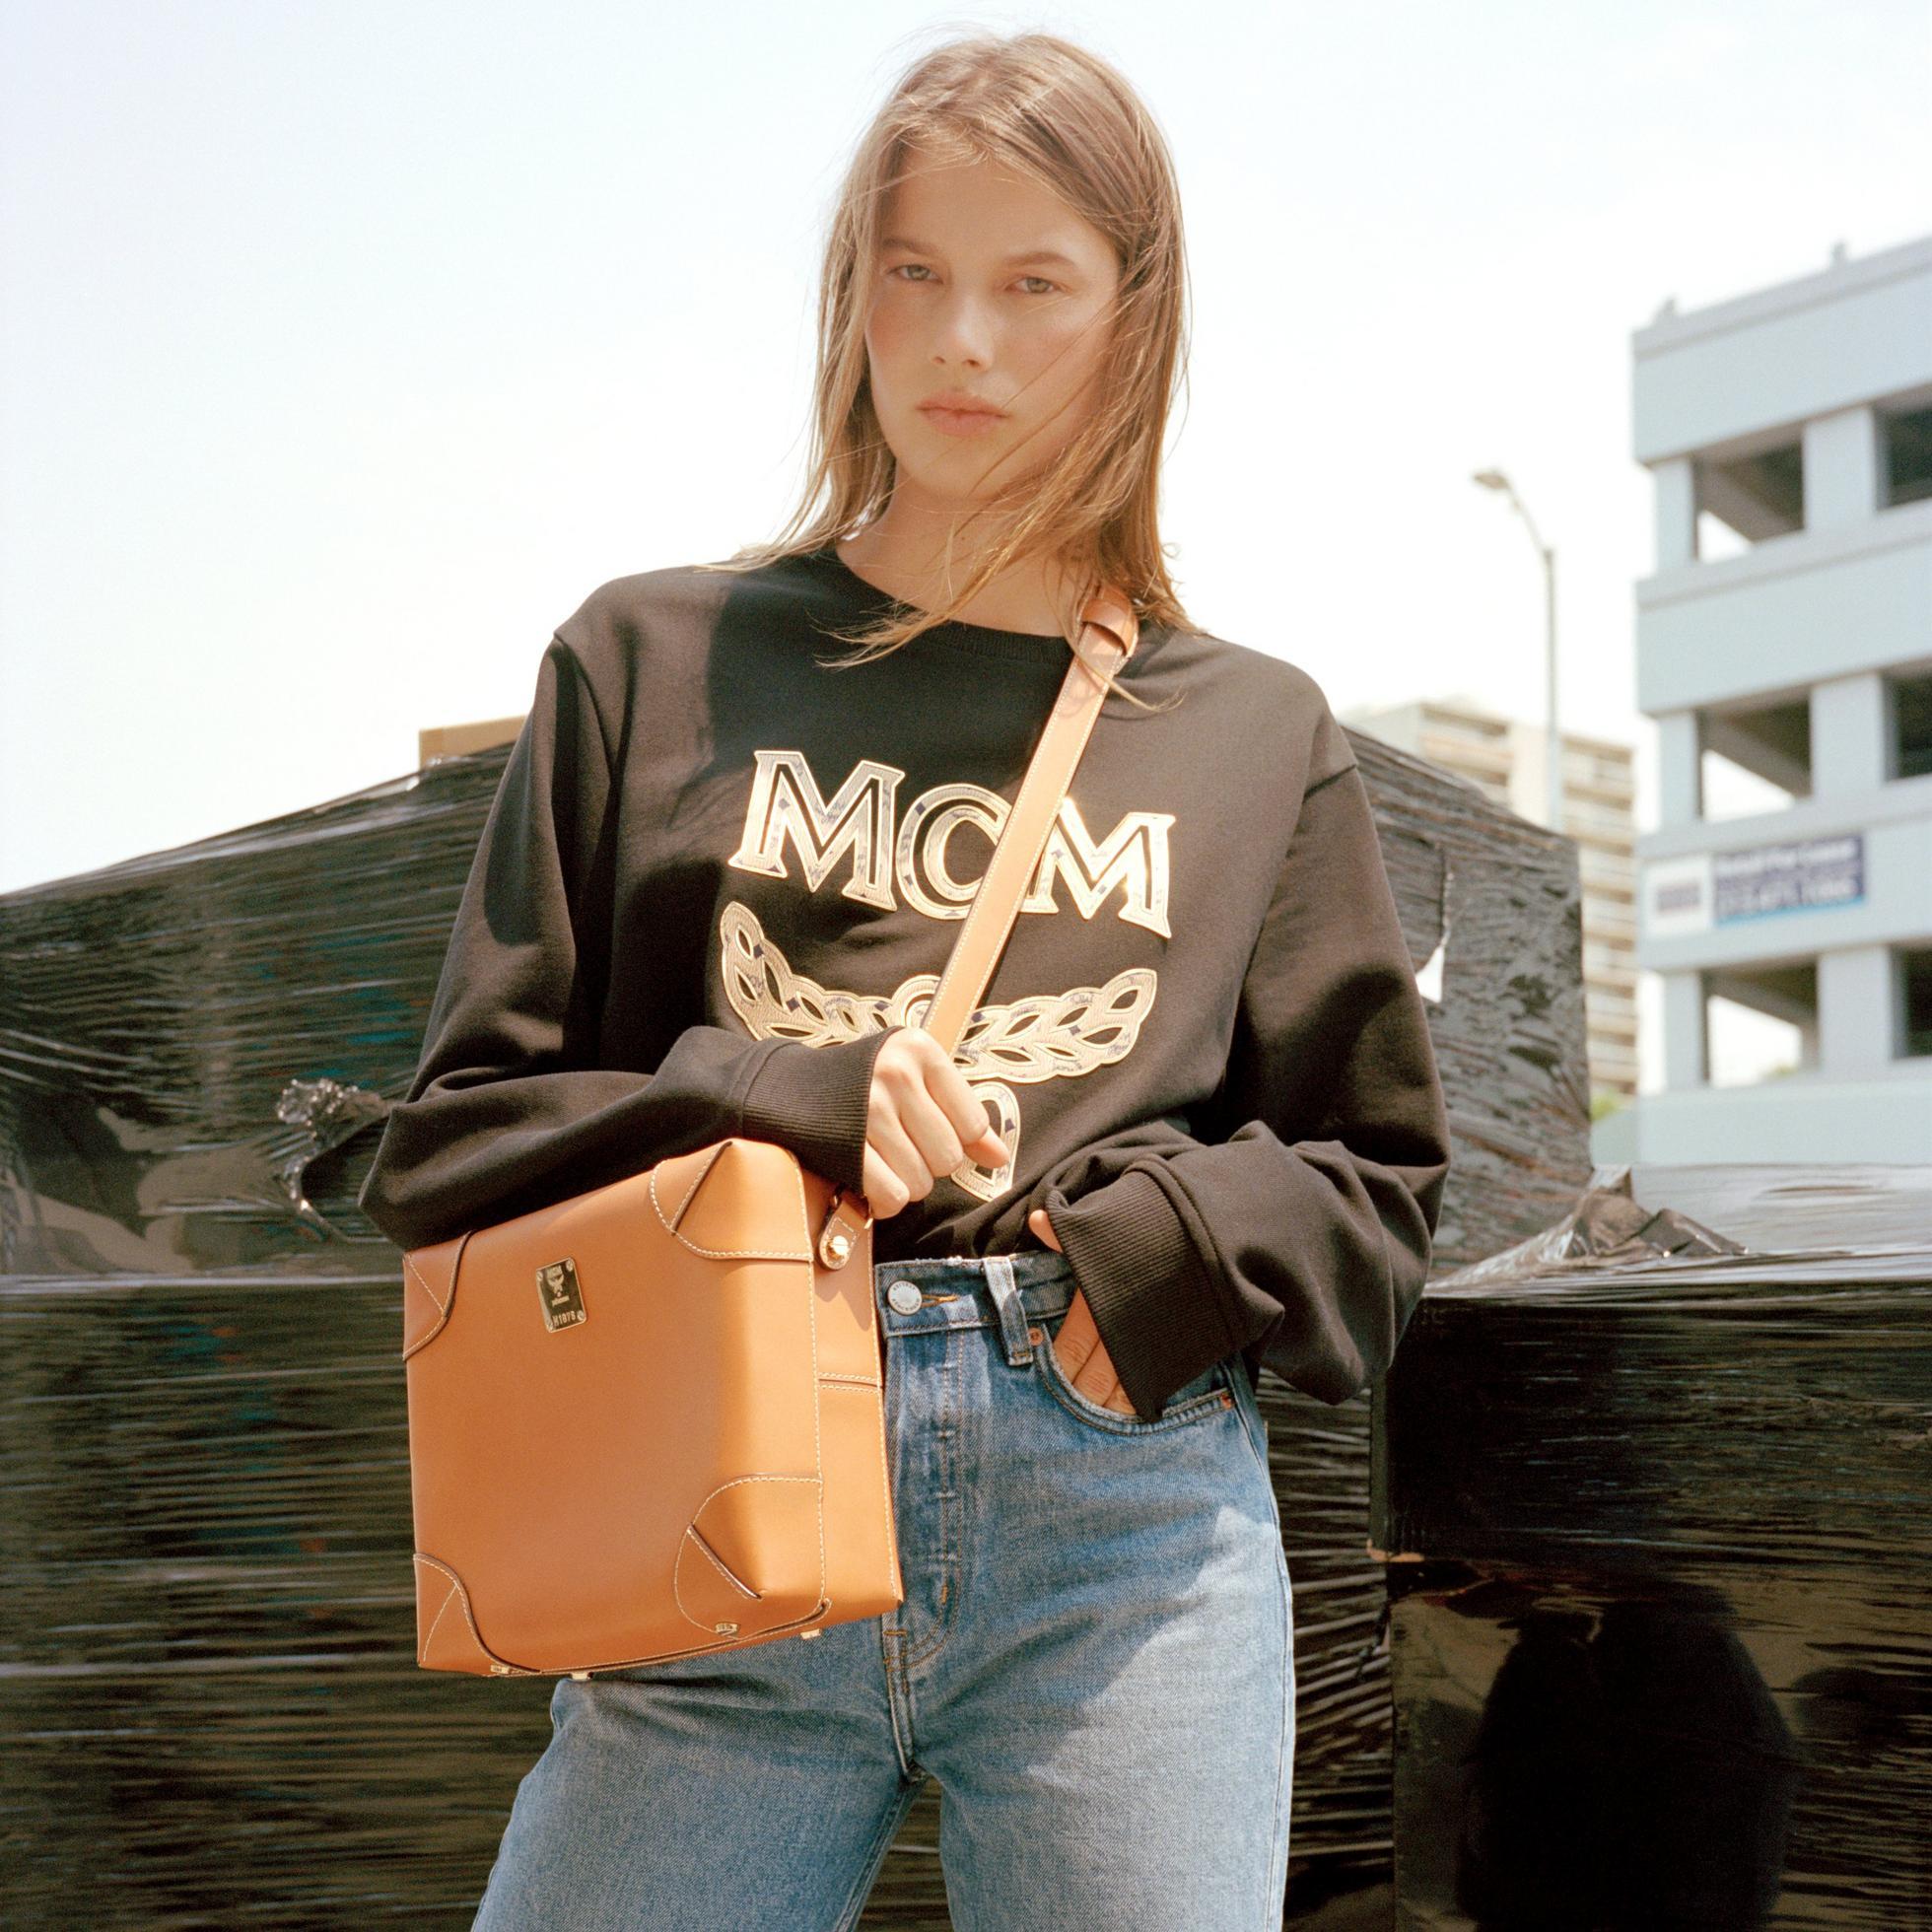 Women's New Arrivals featuring the Medium Soft Berlin Crossbody Bag